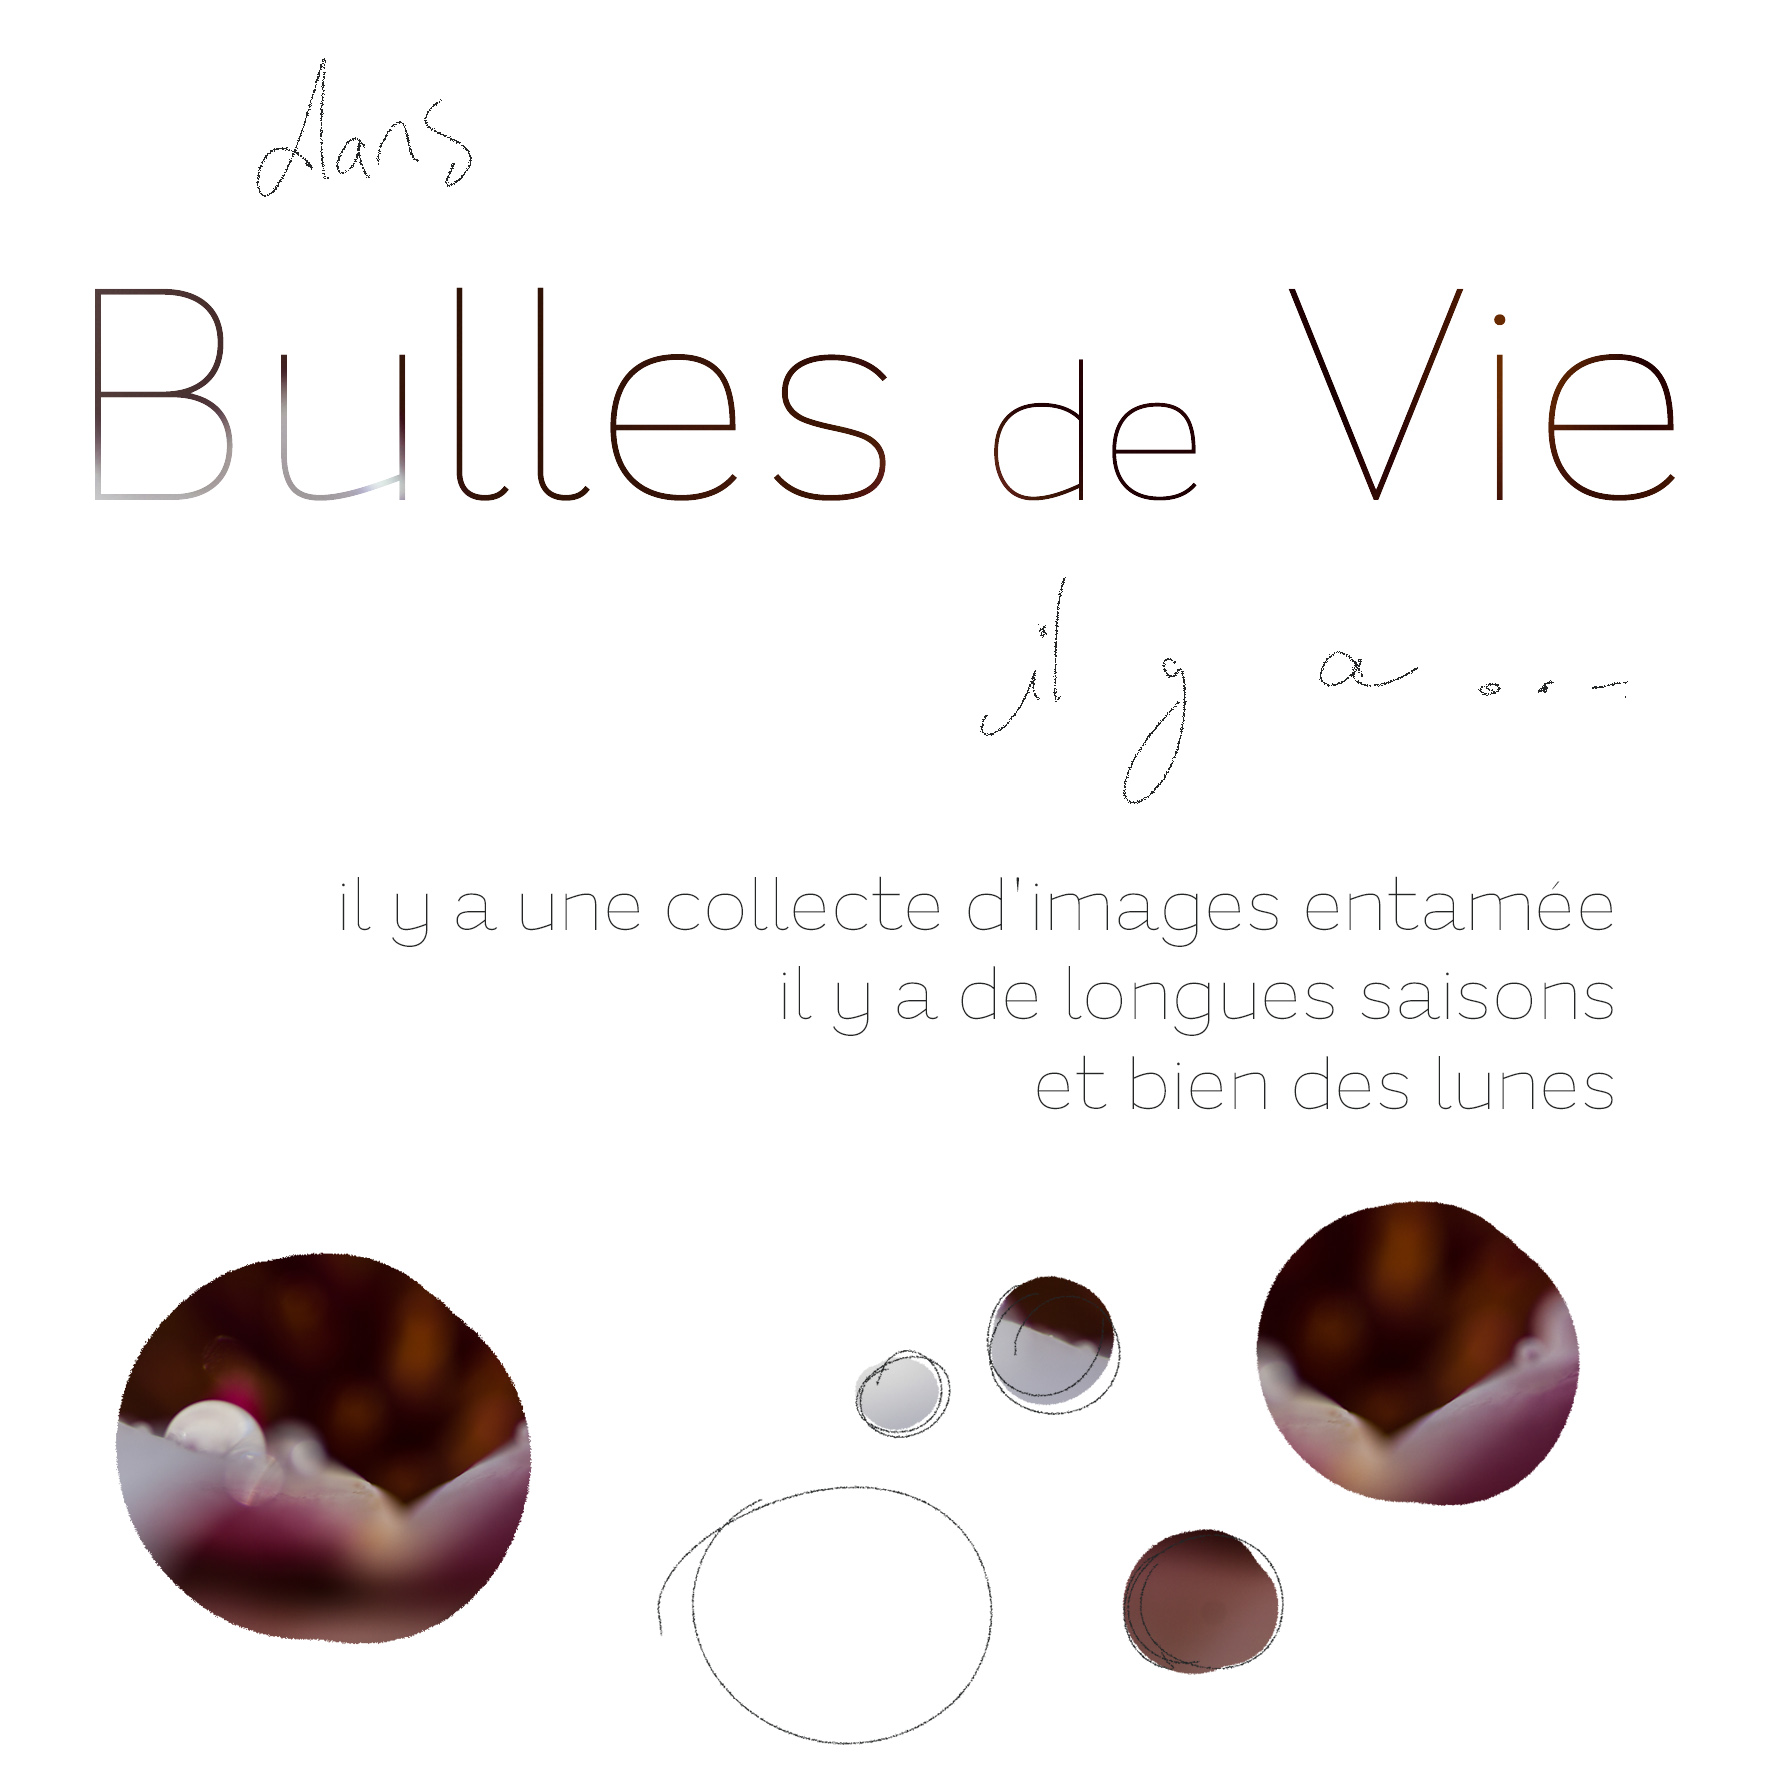 introduction... humhum... ('est parti ;-) !) bulles de vie @johannegicquel